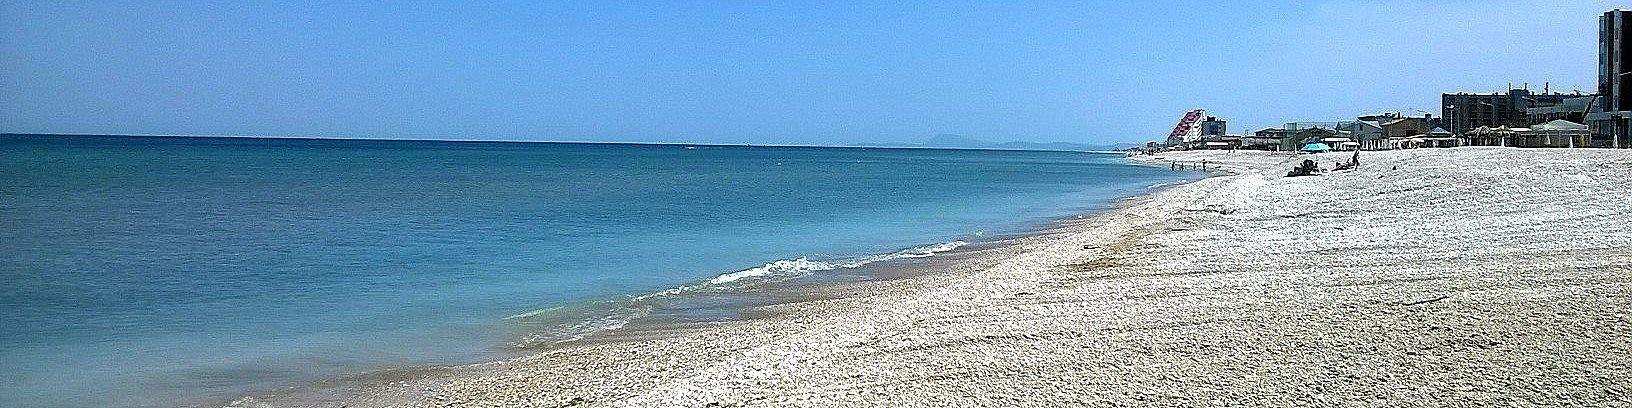 Marotta, pláž je místy oblázková, v části letoviska i písčitá